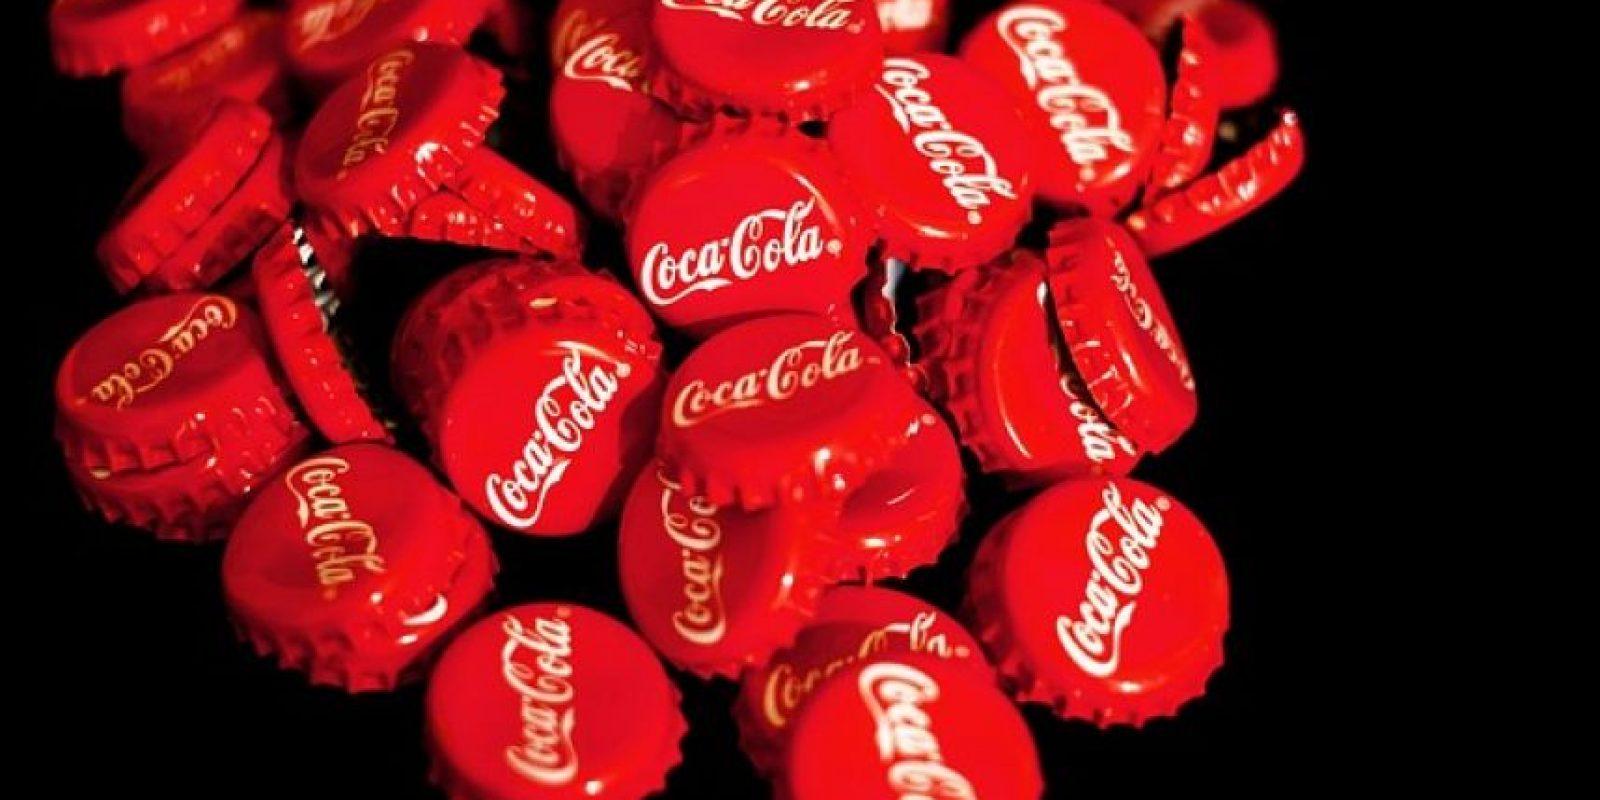 Siempre se ha especulado sobre la receta de Coca-Cola Foto:Pixabay